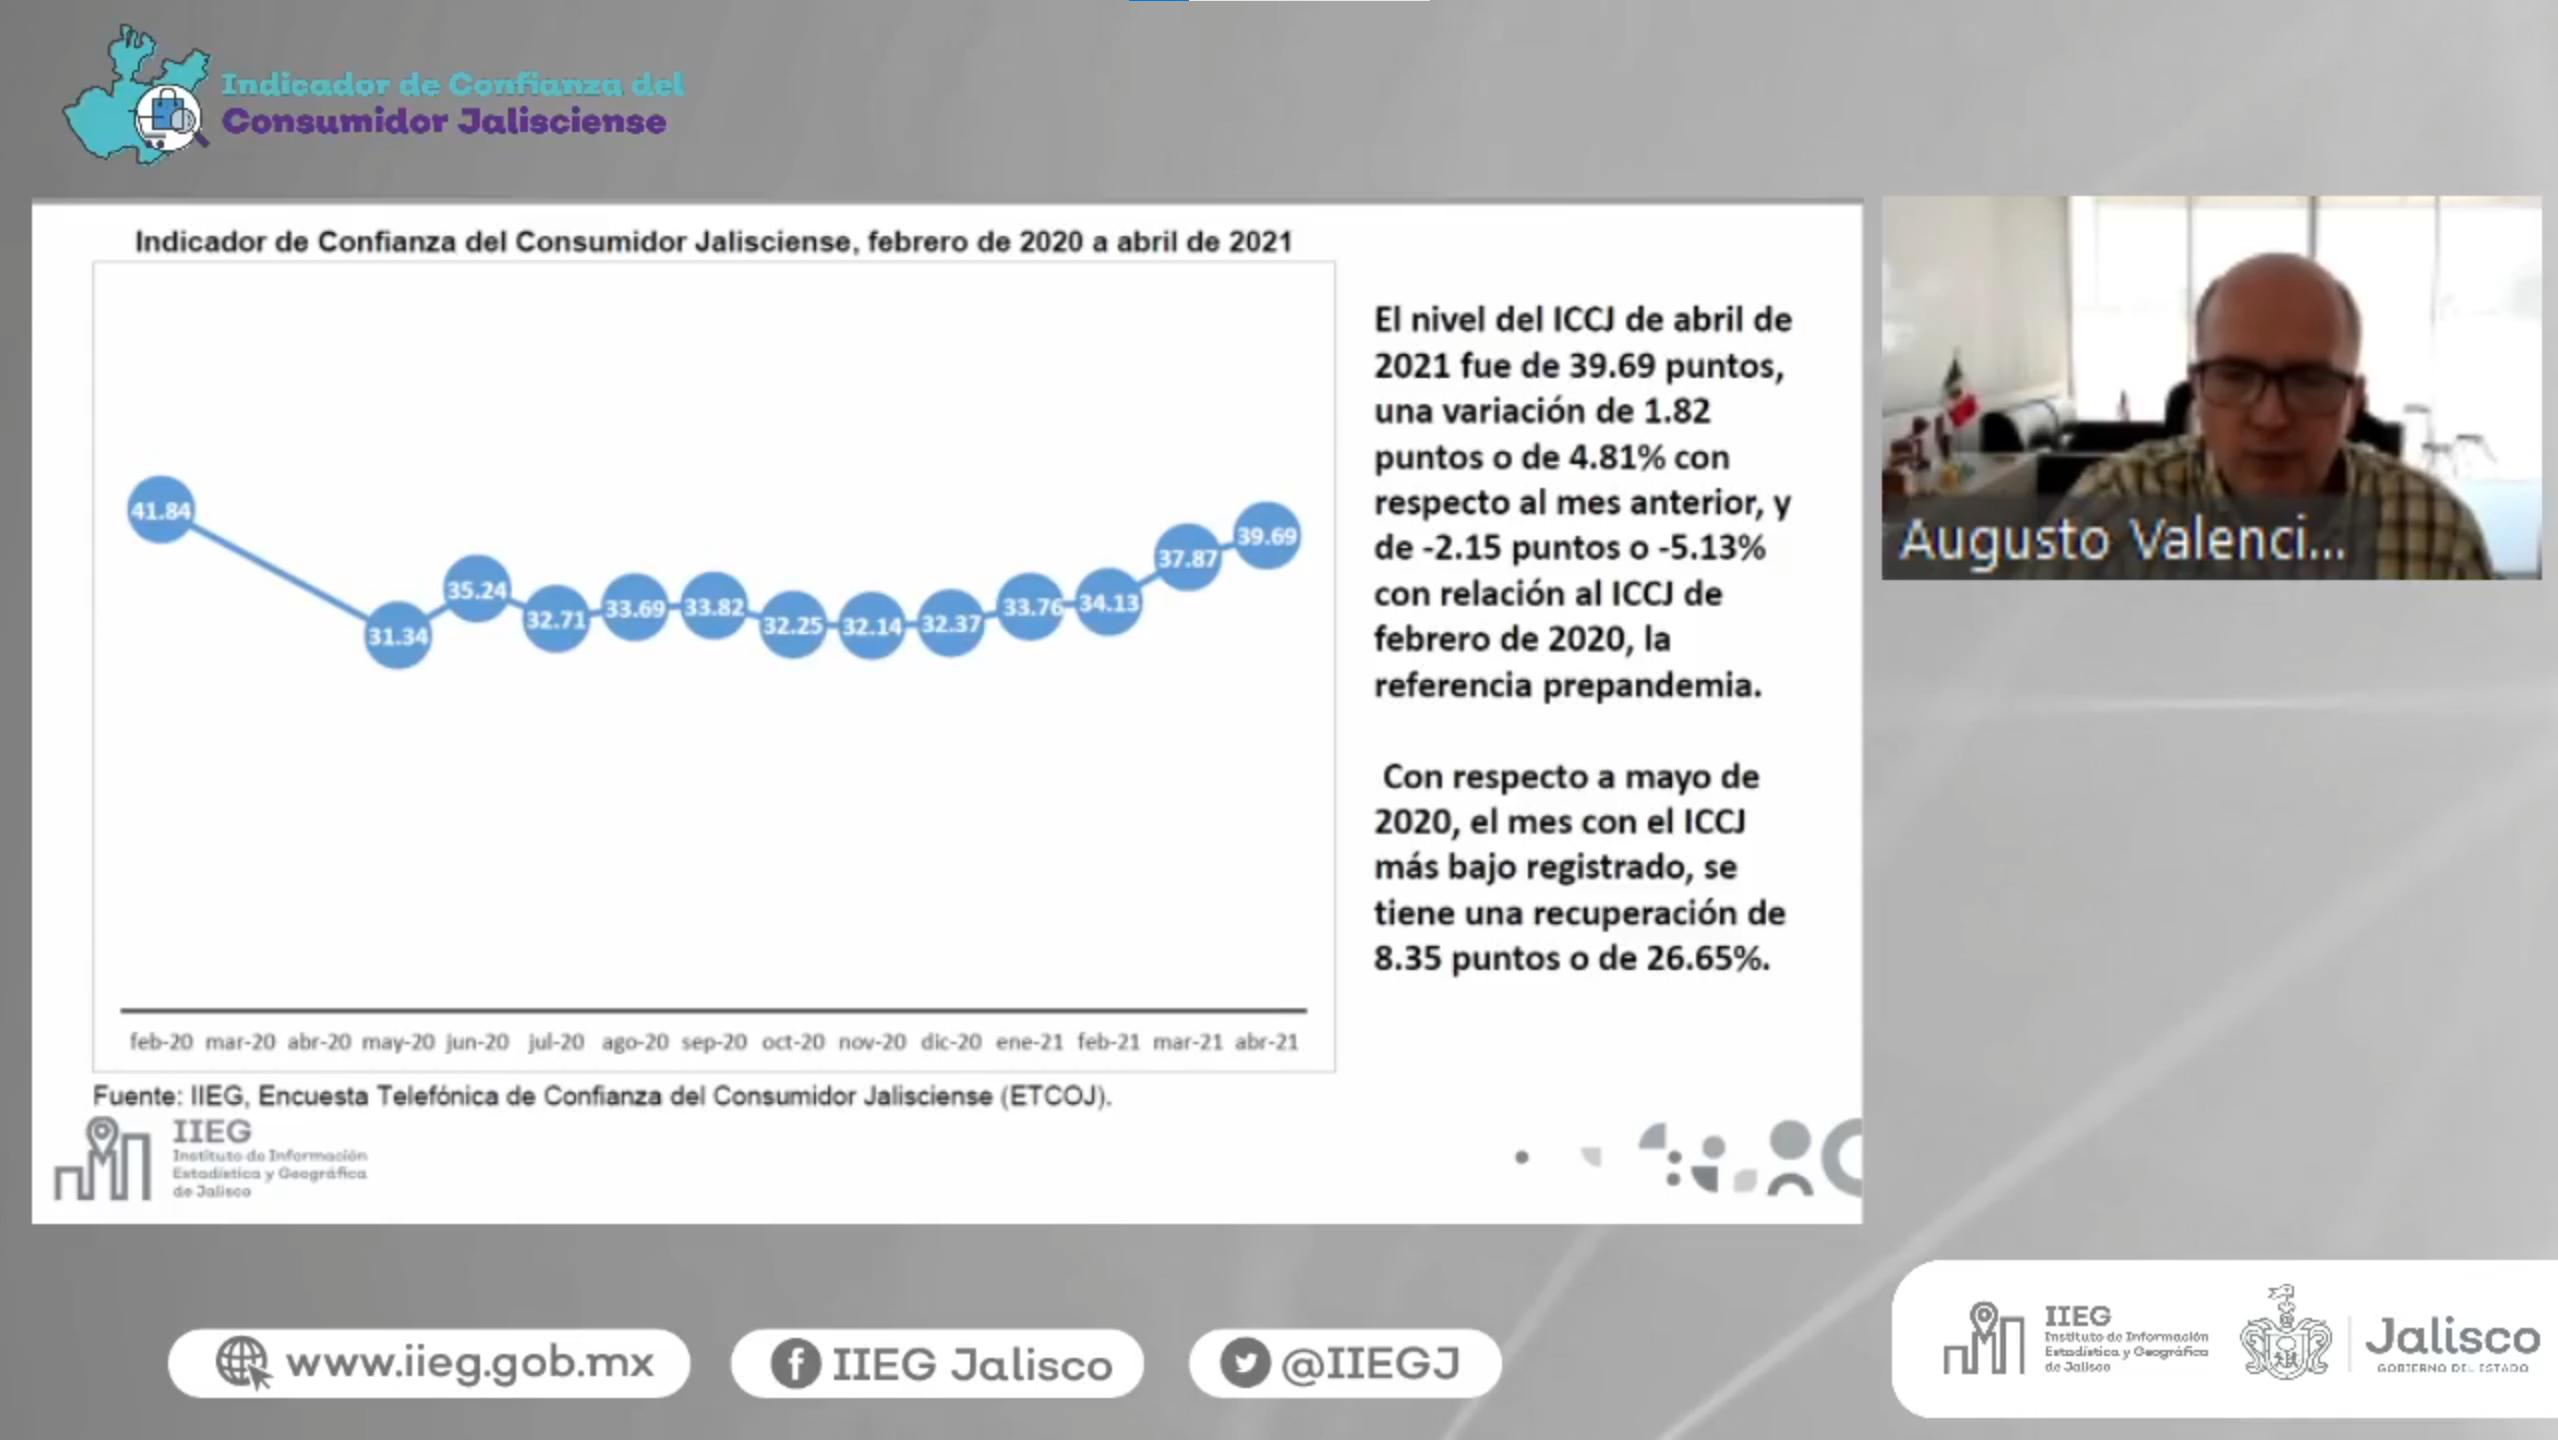 Presenta IIEG el Indicador de Confianza del Consumidor Jalisciense del mes de abril